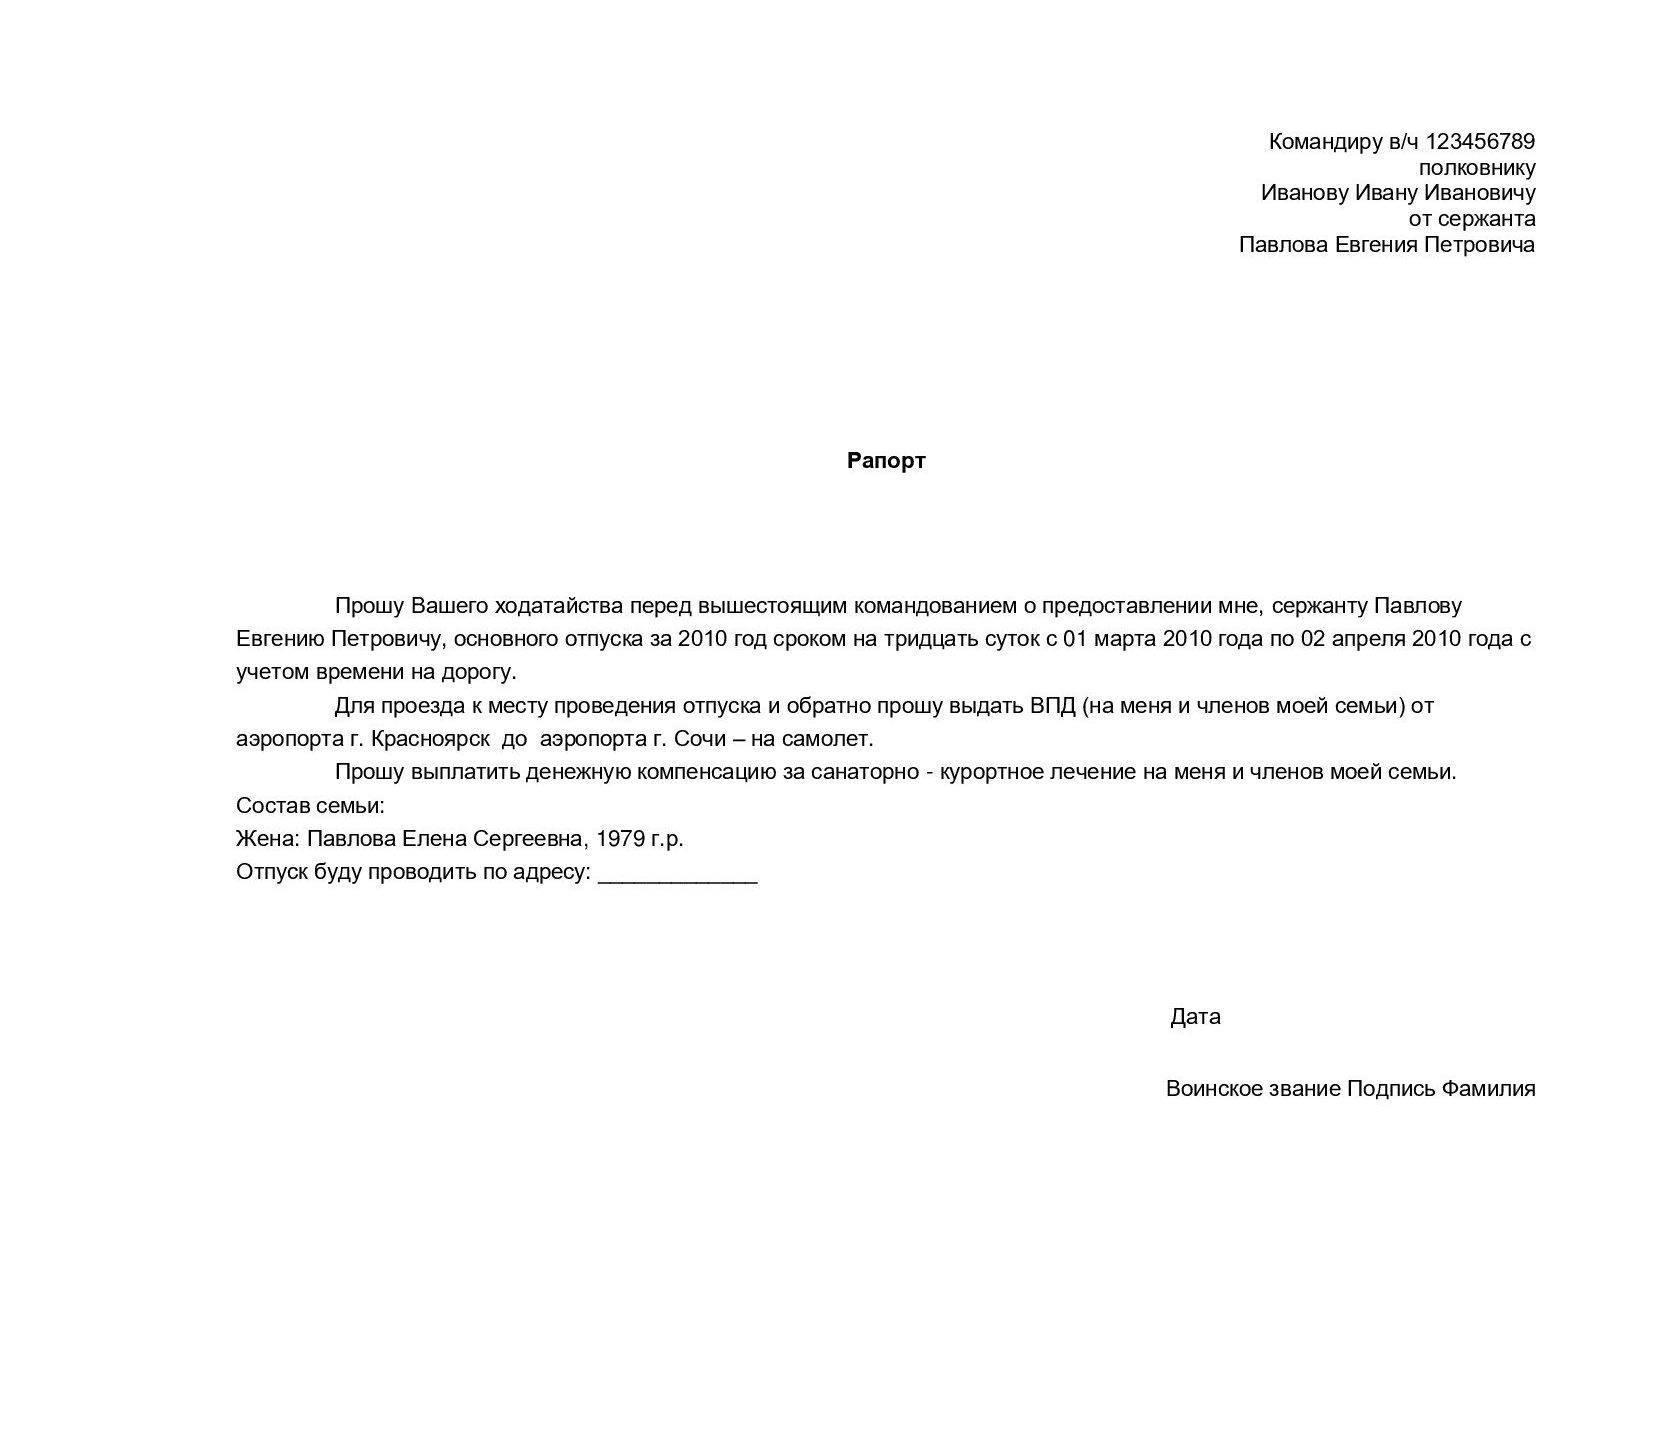 Образец рапорта на учебный отпуск военнослужащего